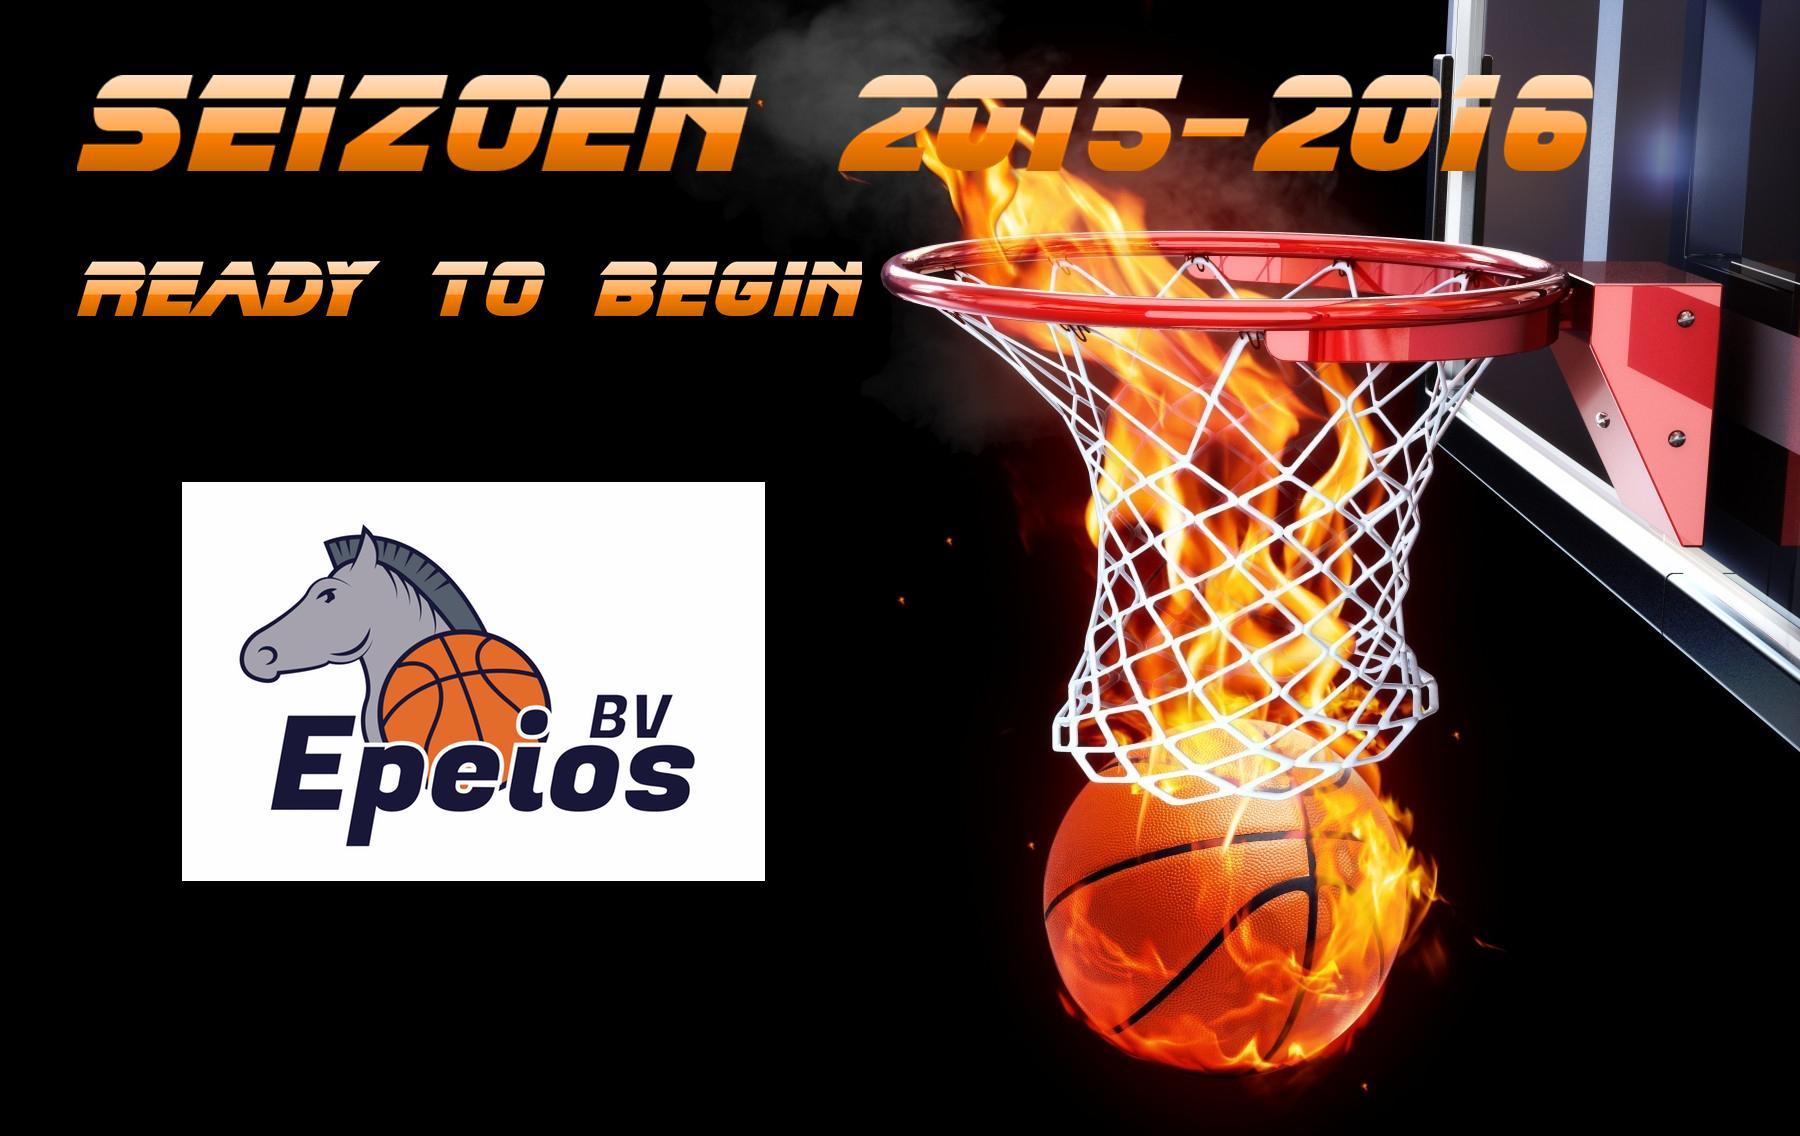 Seizoen 2015-2016 start